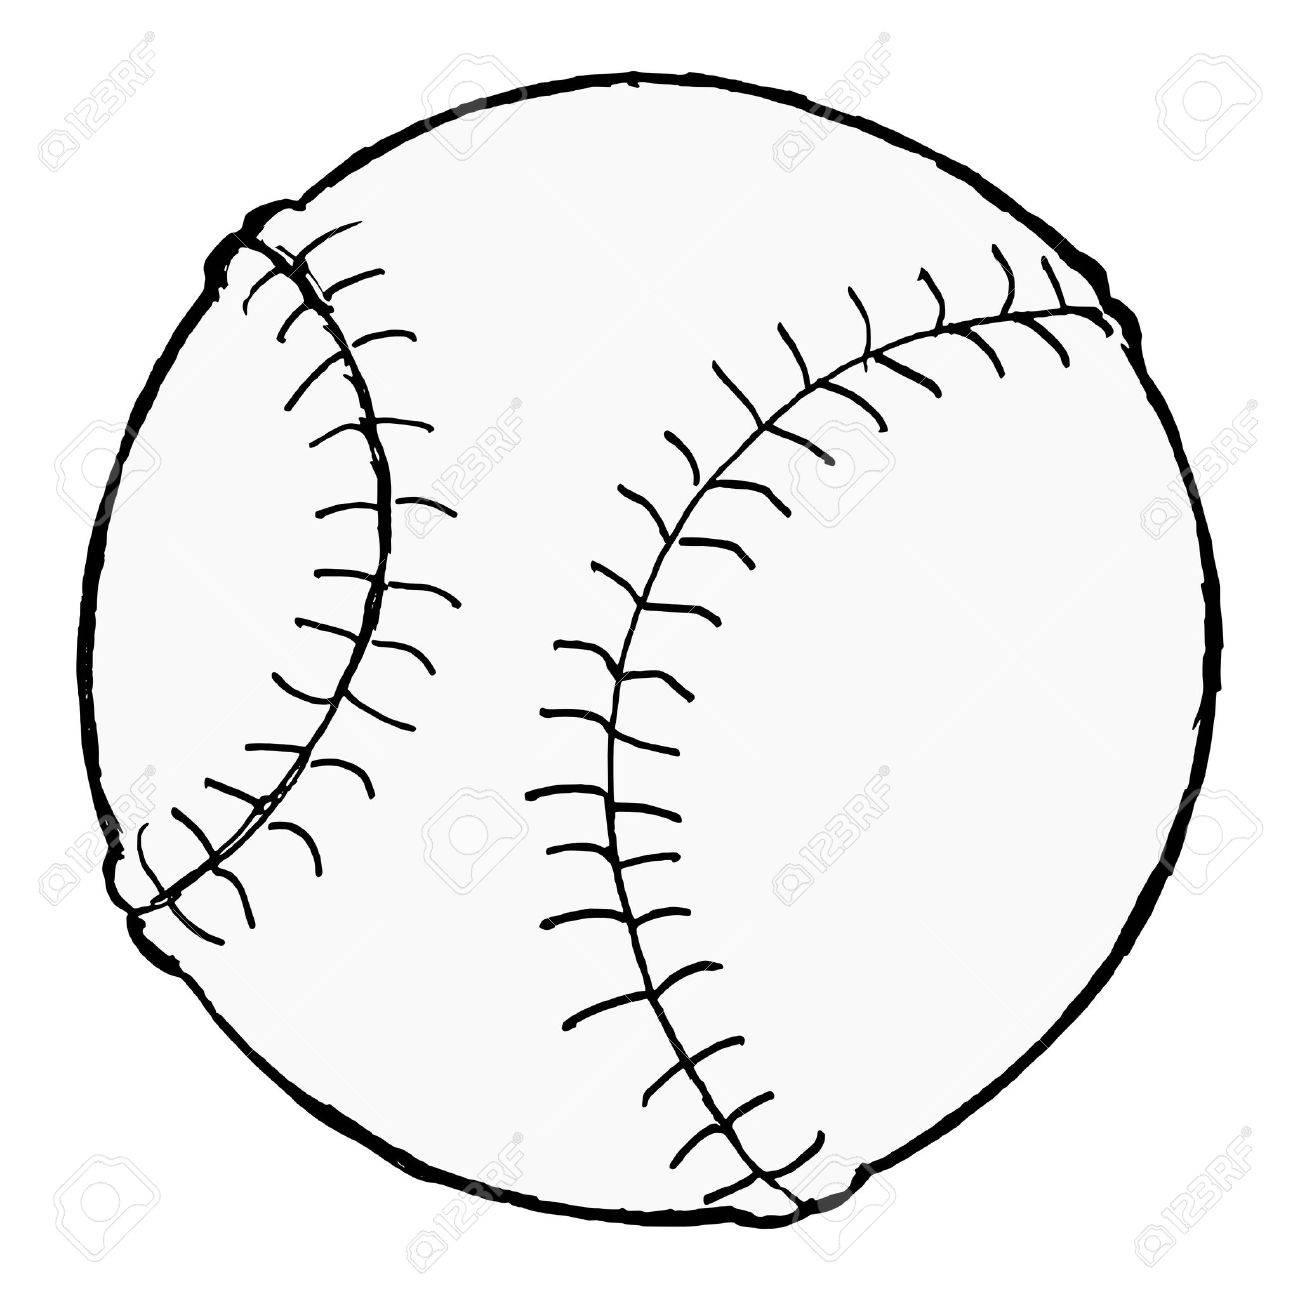 1300x1300 Hand Drawn, Cartoon Image Of Baseball Ball Royalty Free Cliparts